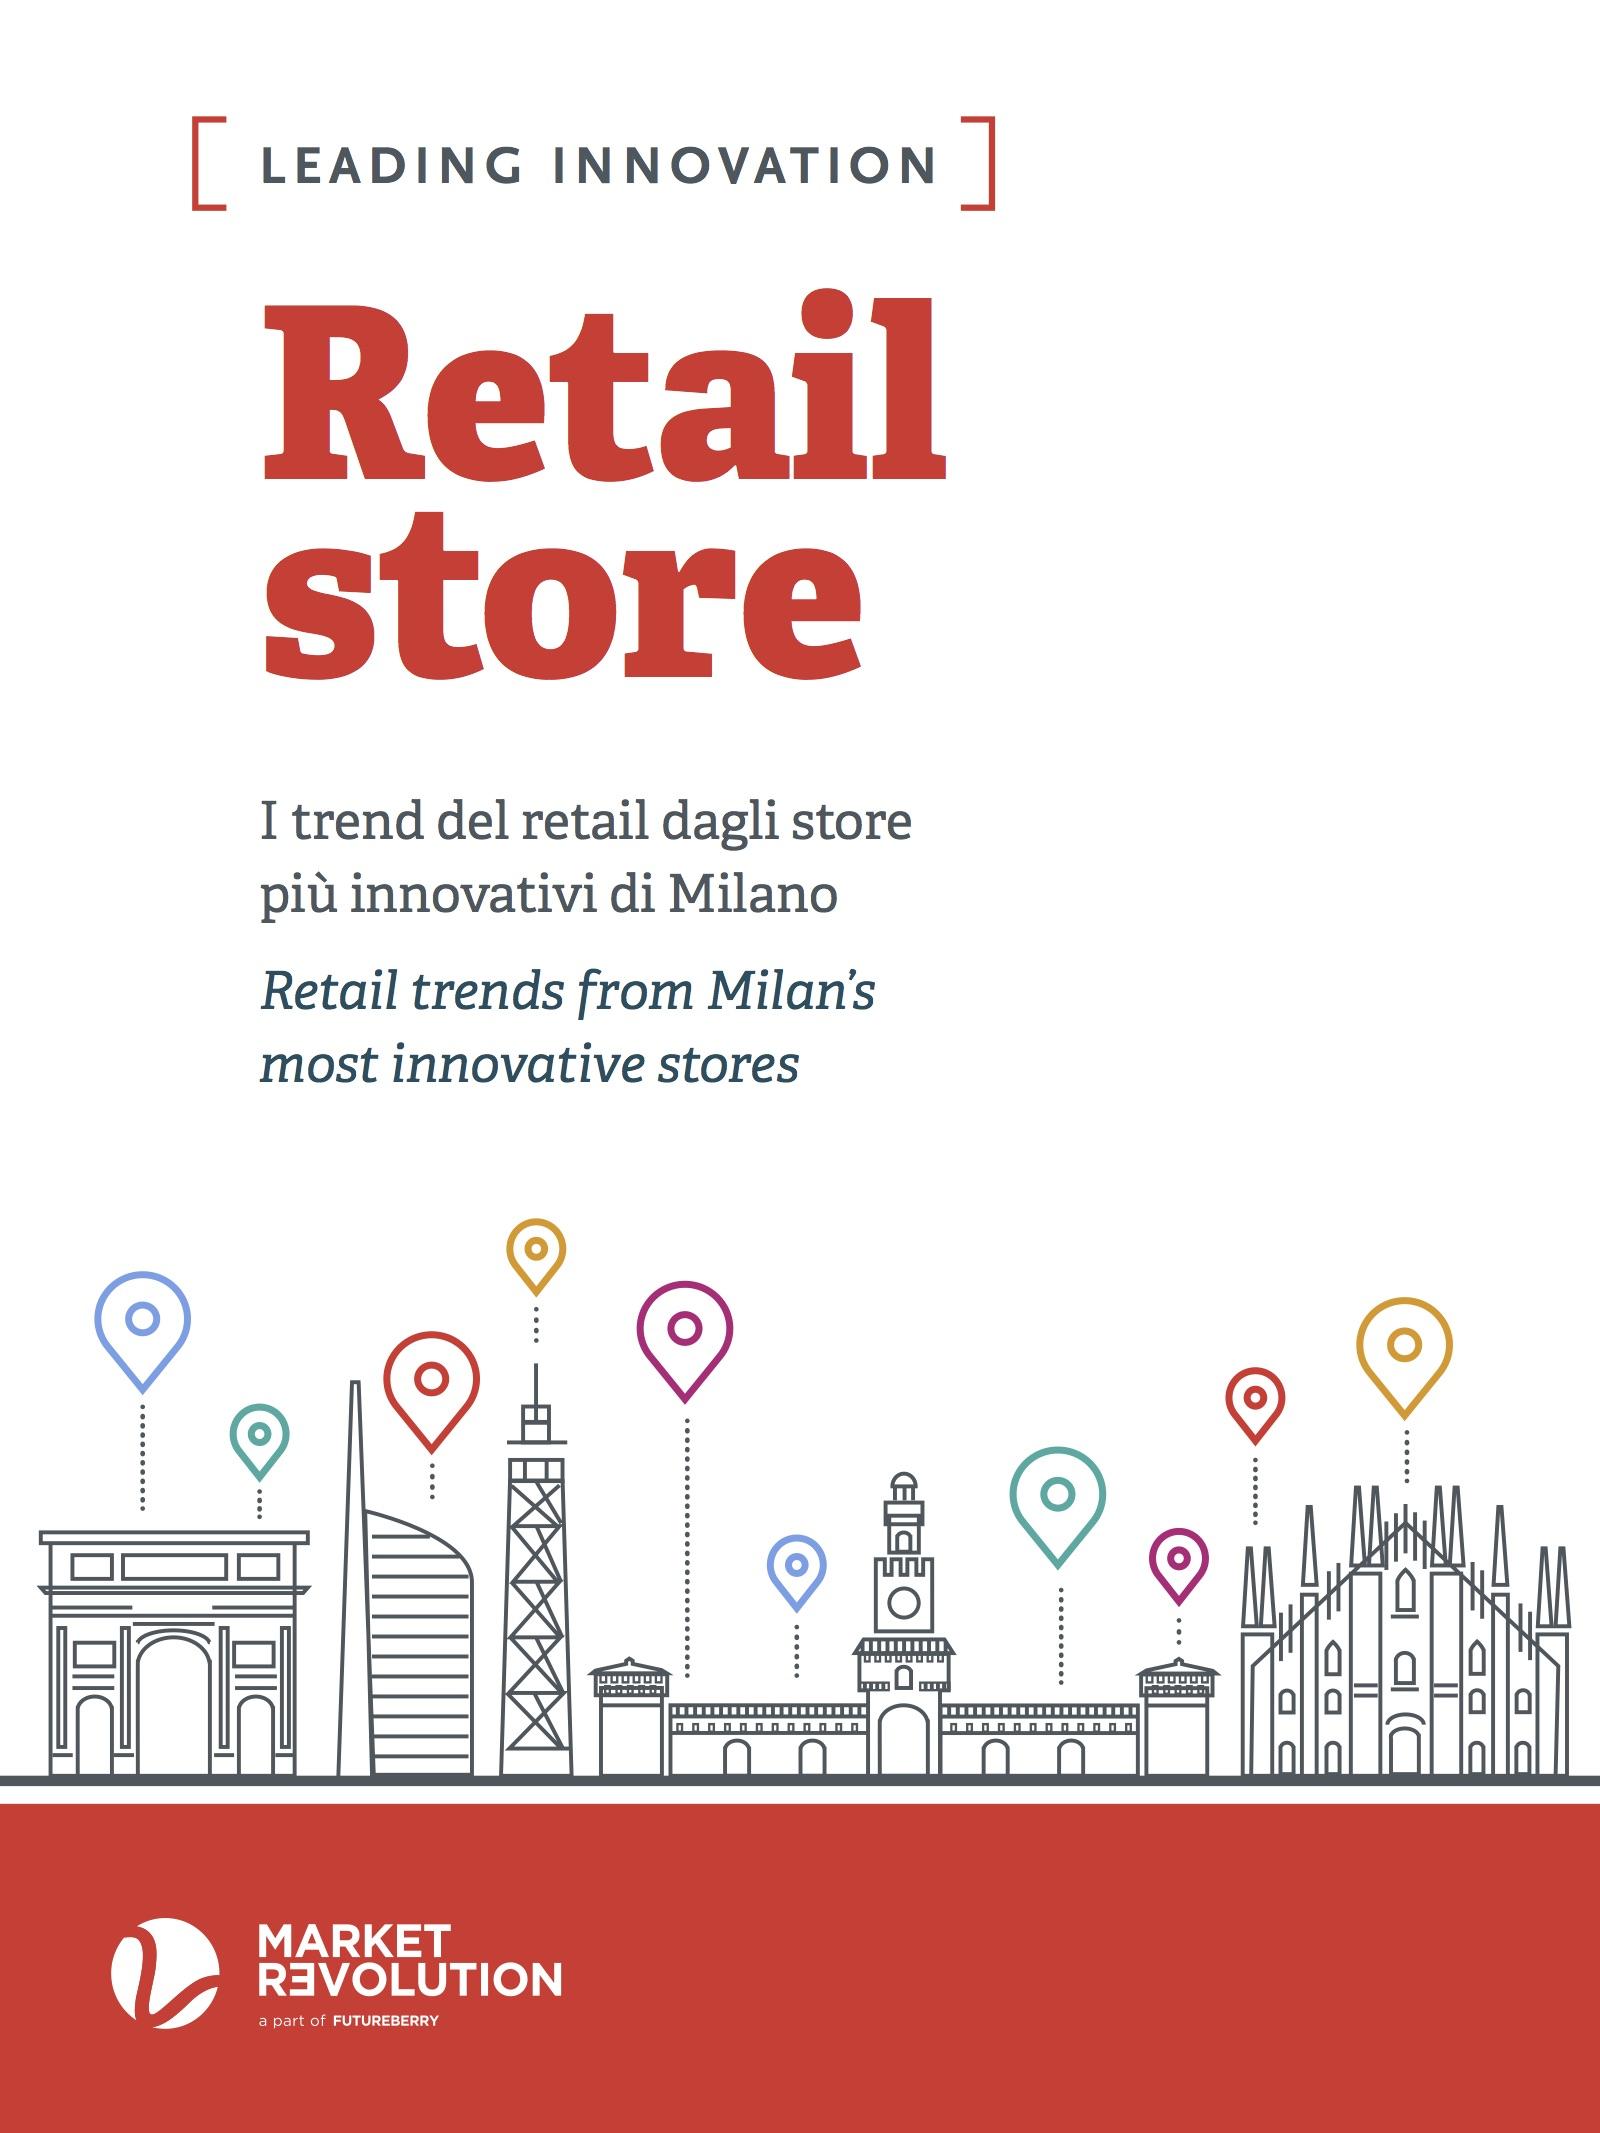 Copertina-Retail.jpg